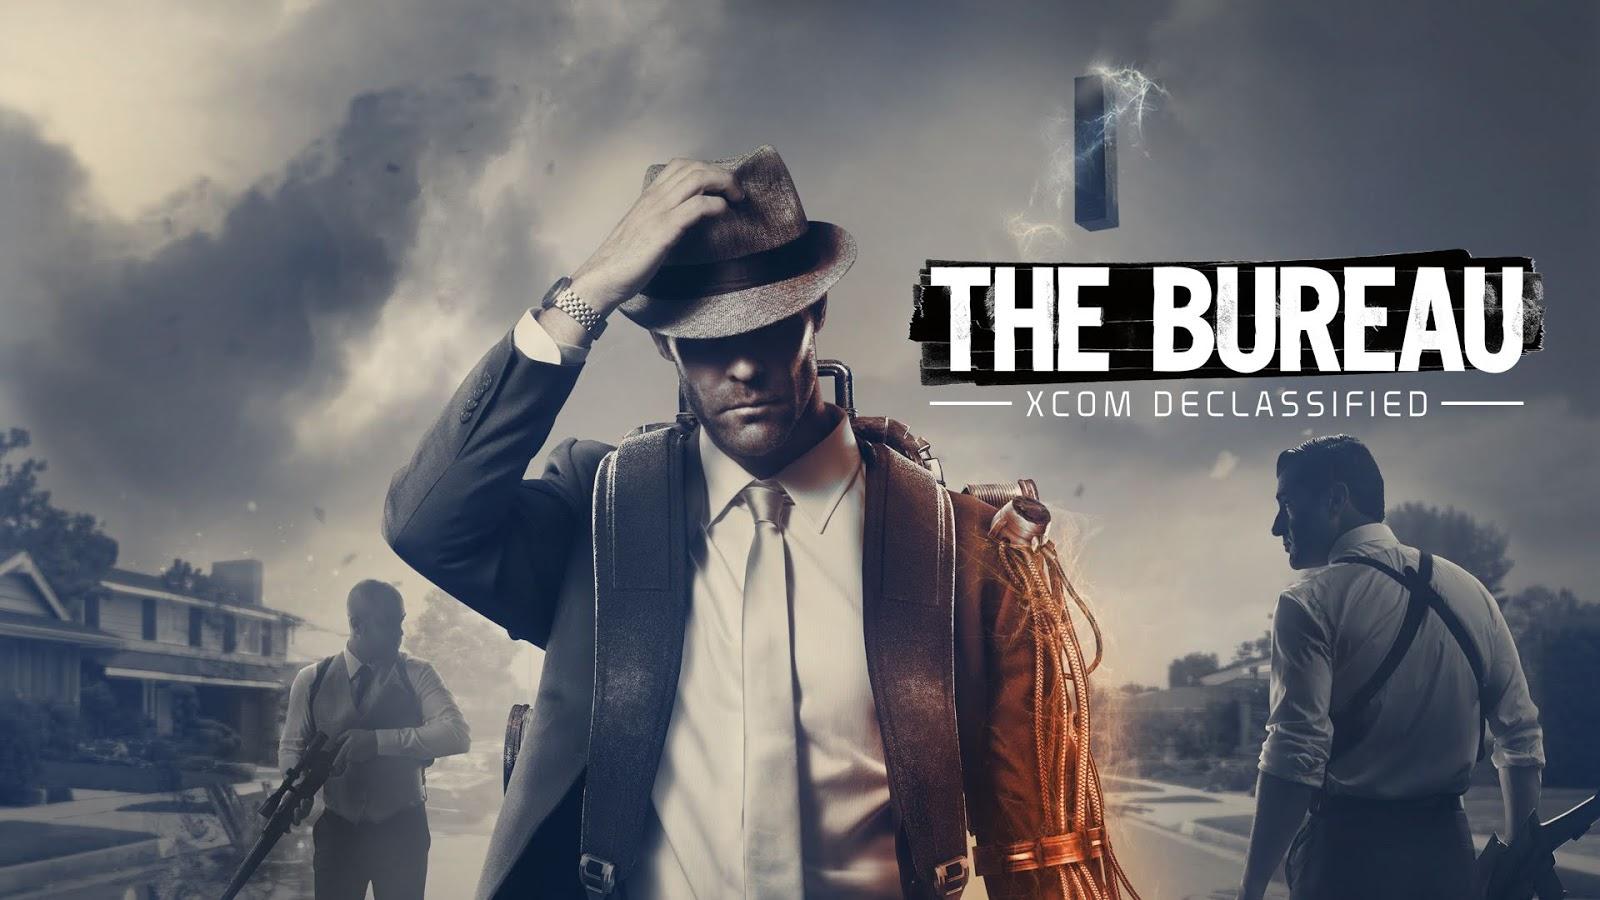 the-bureau-xcom-declassified-complete